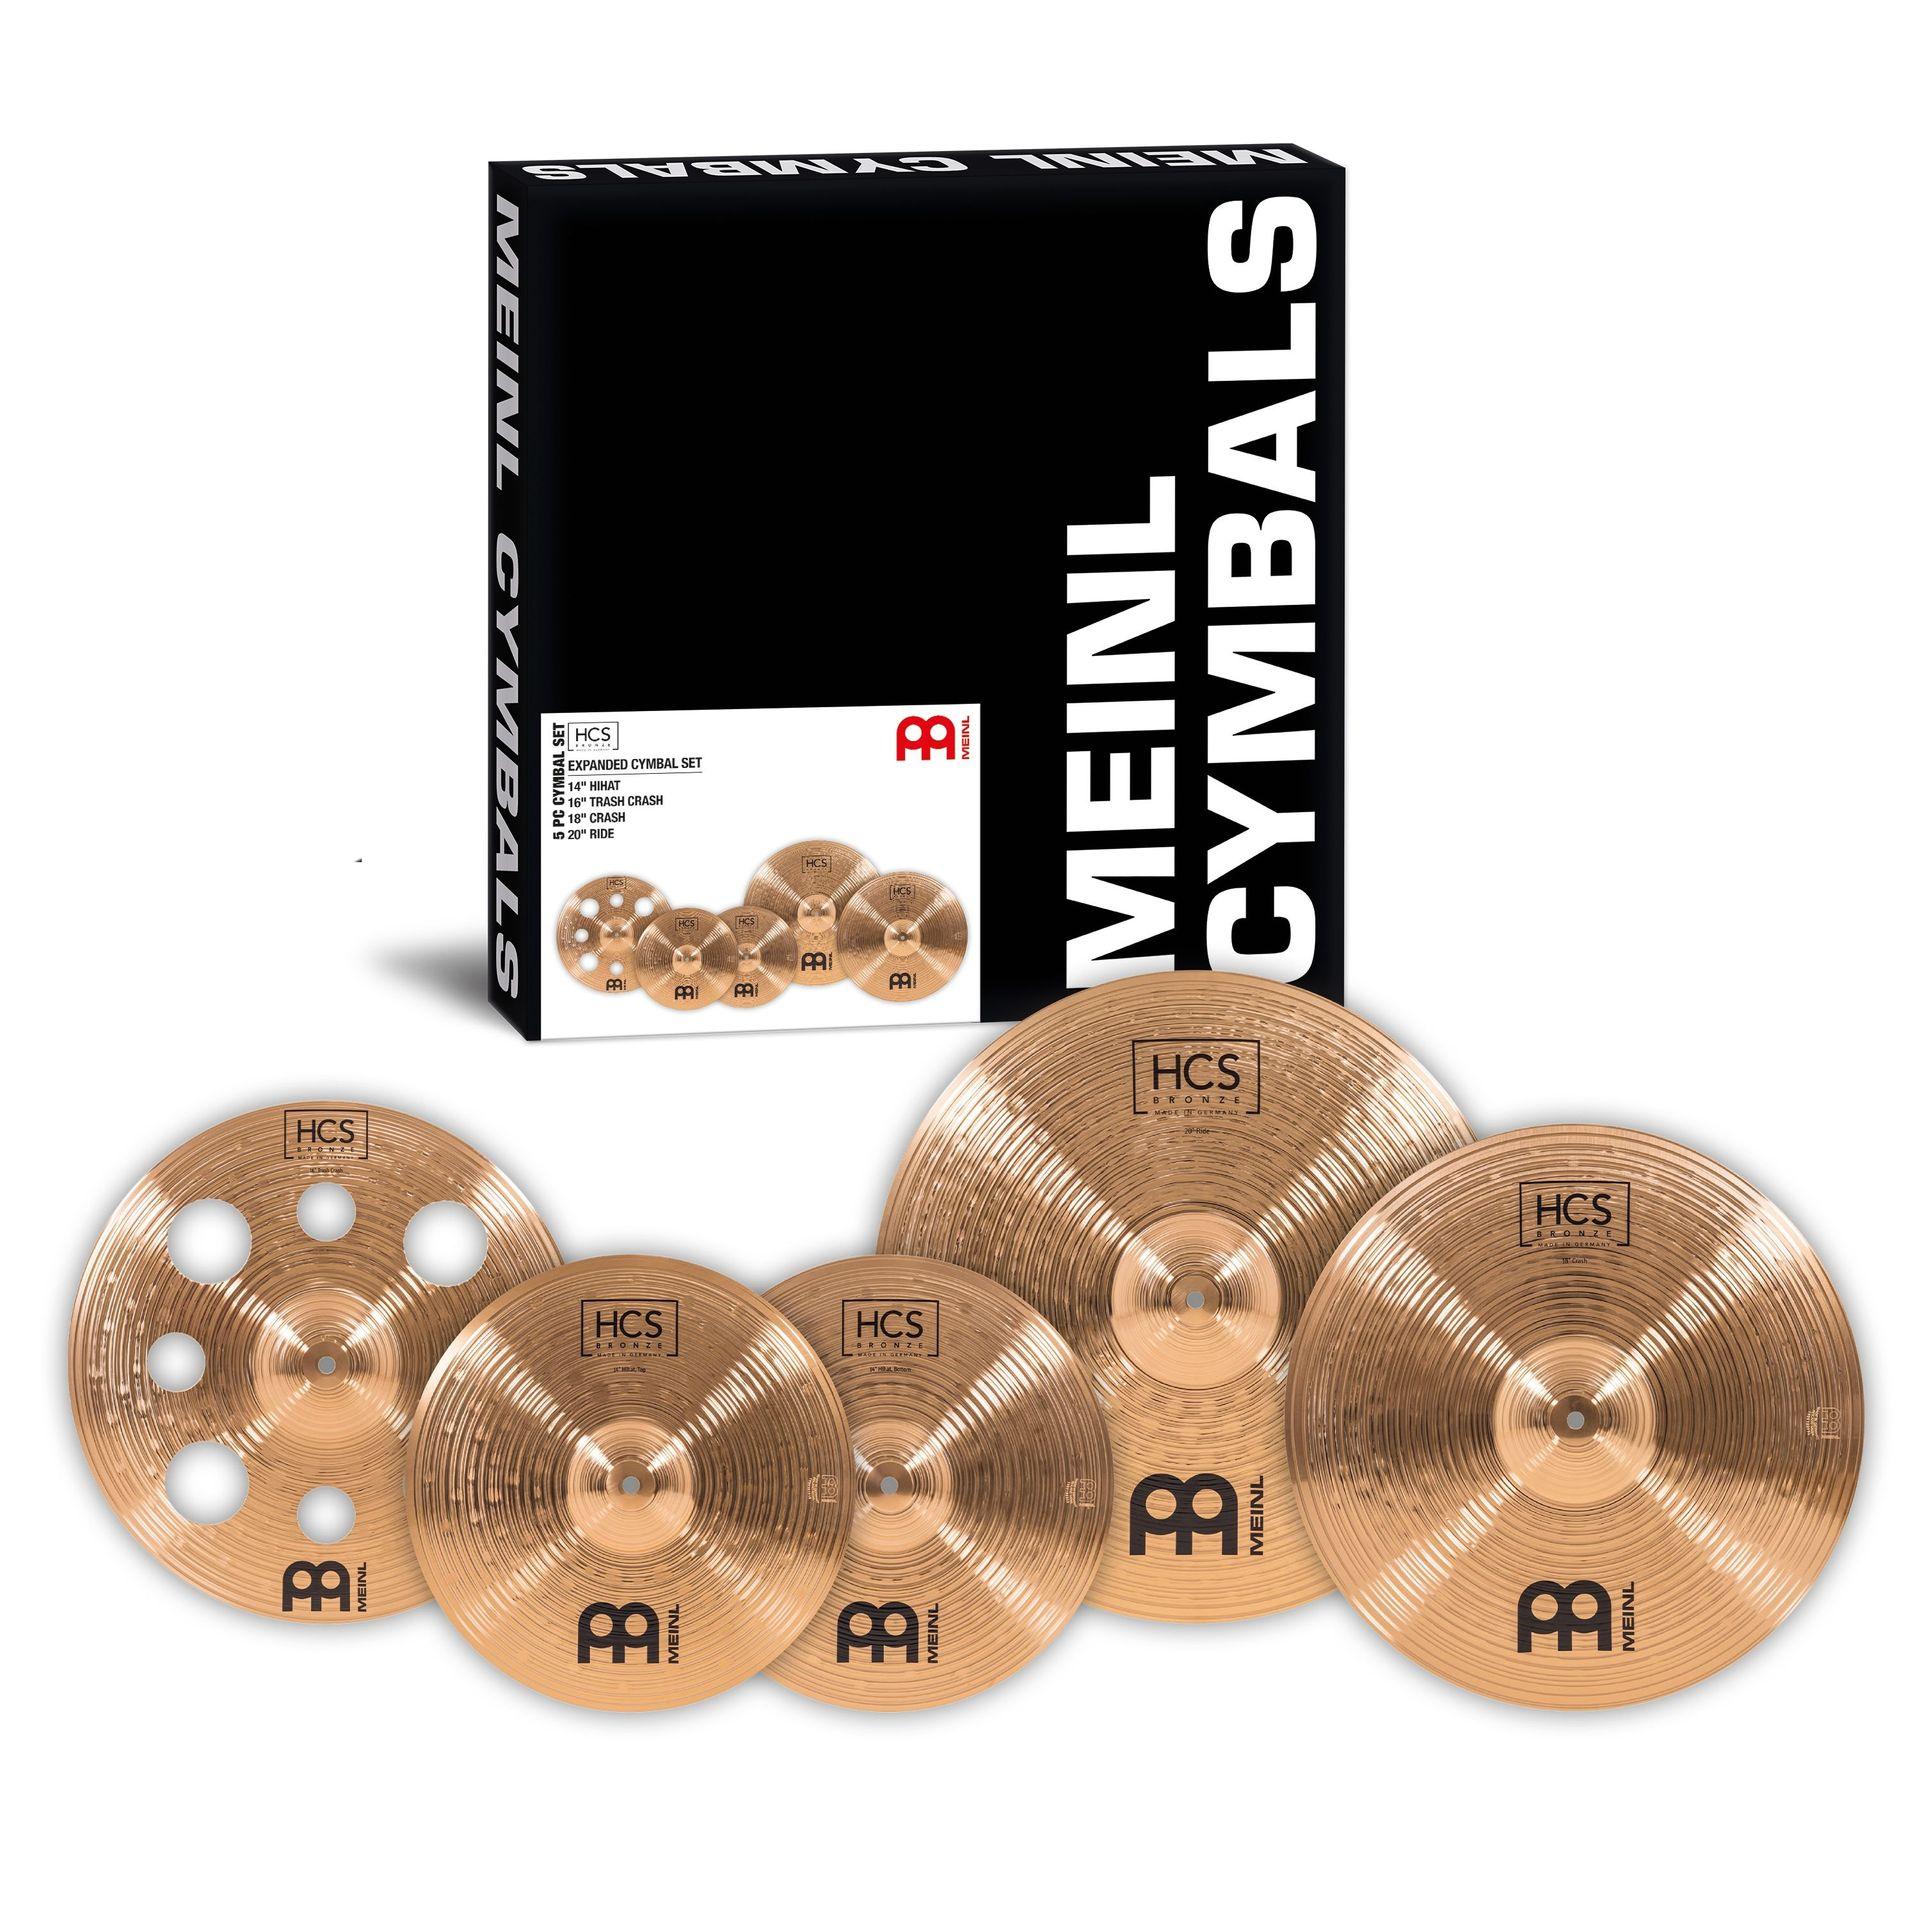 Meinl Cymbals HCS Bronze Deluxe Set